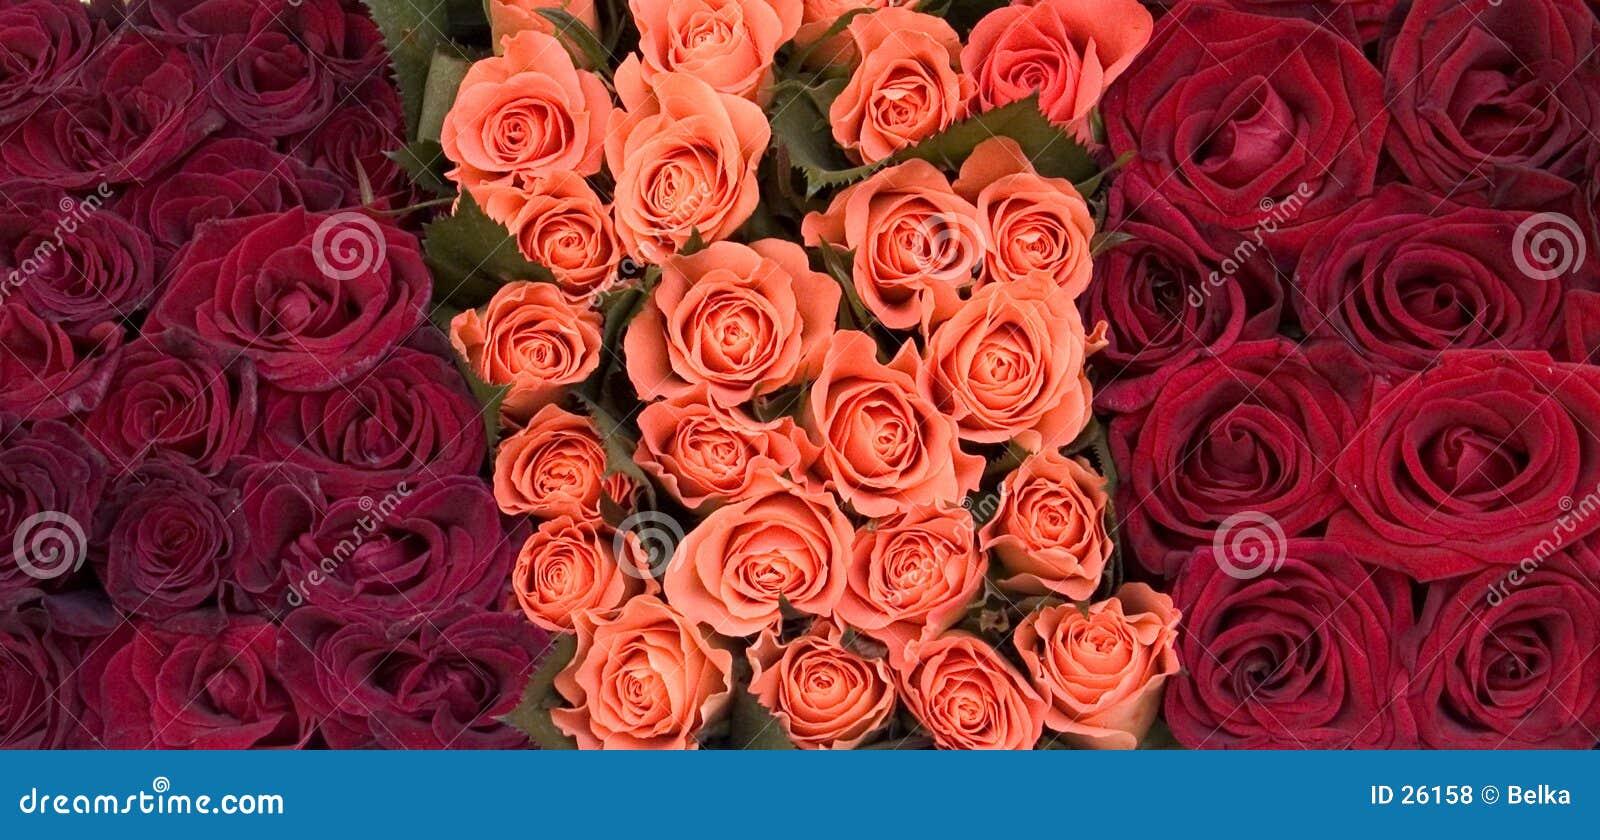 Download Rosen stockfoto. Bild von blumenblatt, rosen, braut, bündel - 26158